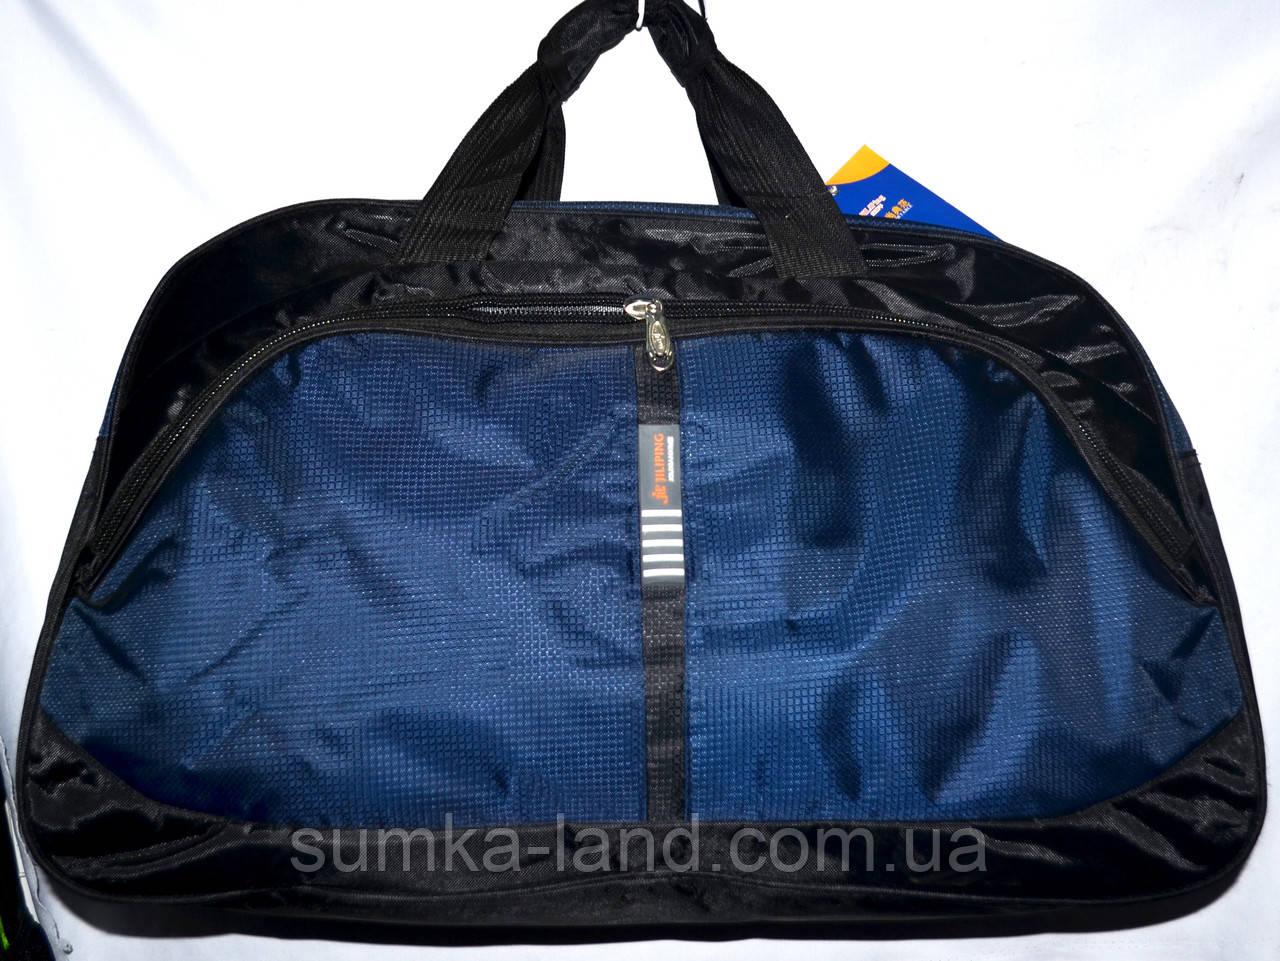 Универсальная спортивная дорожная сумка 58*35 см синяя